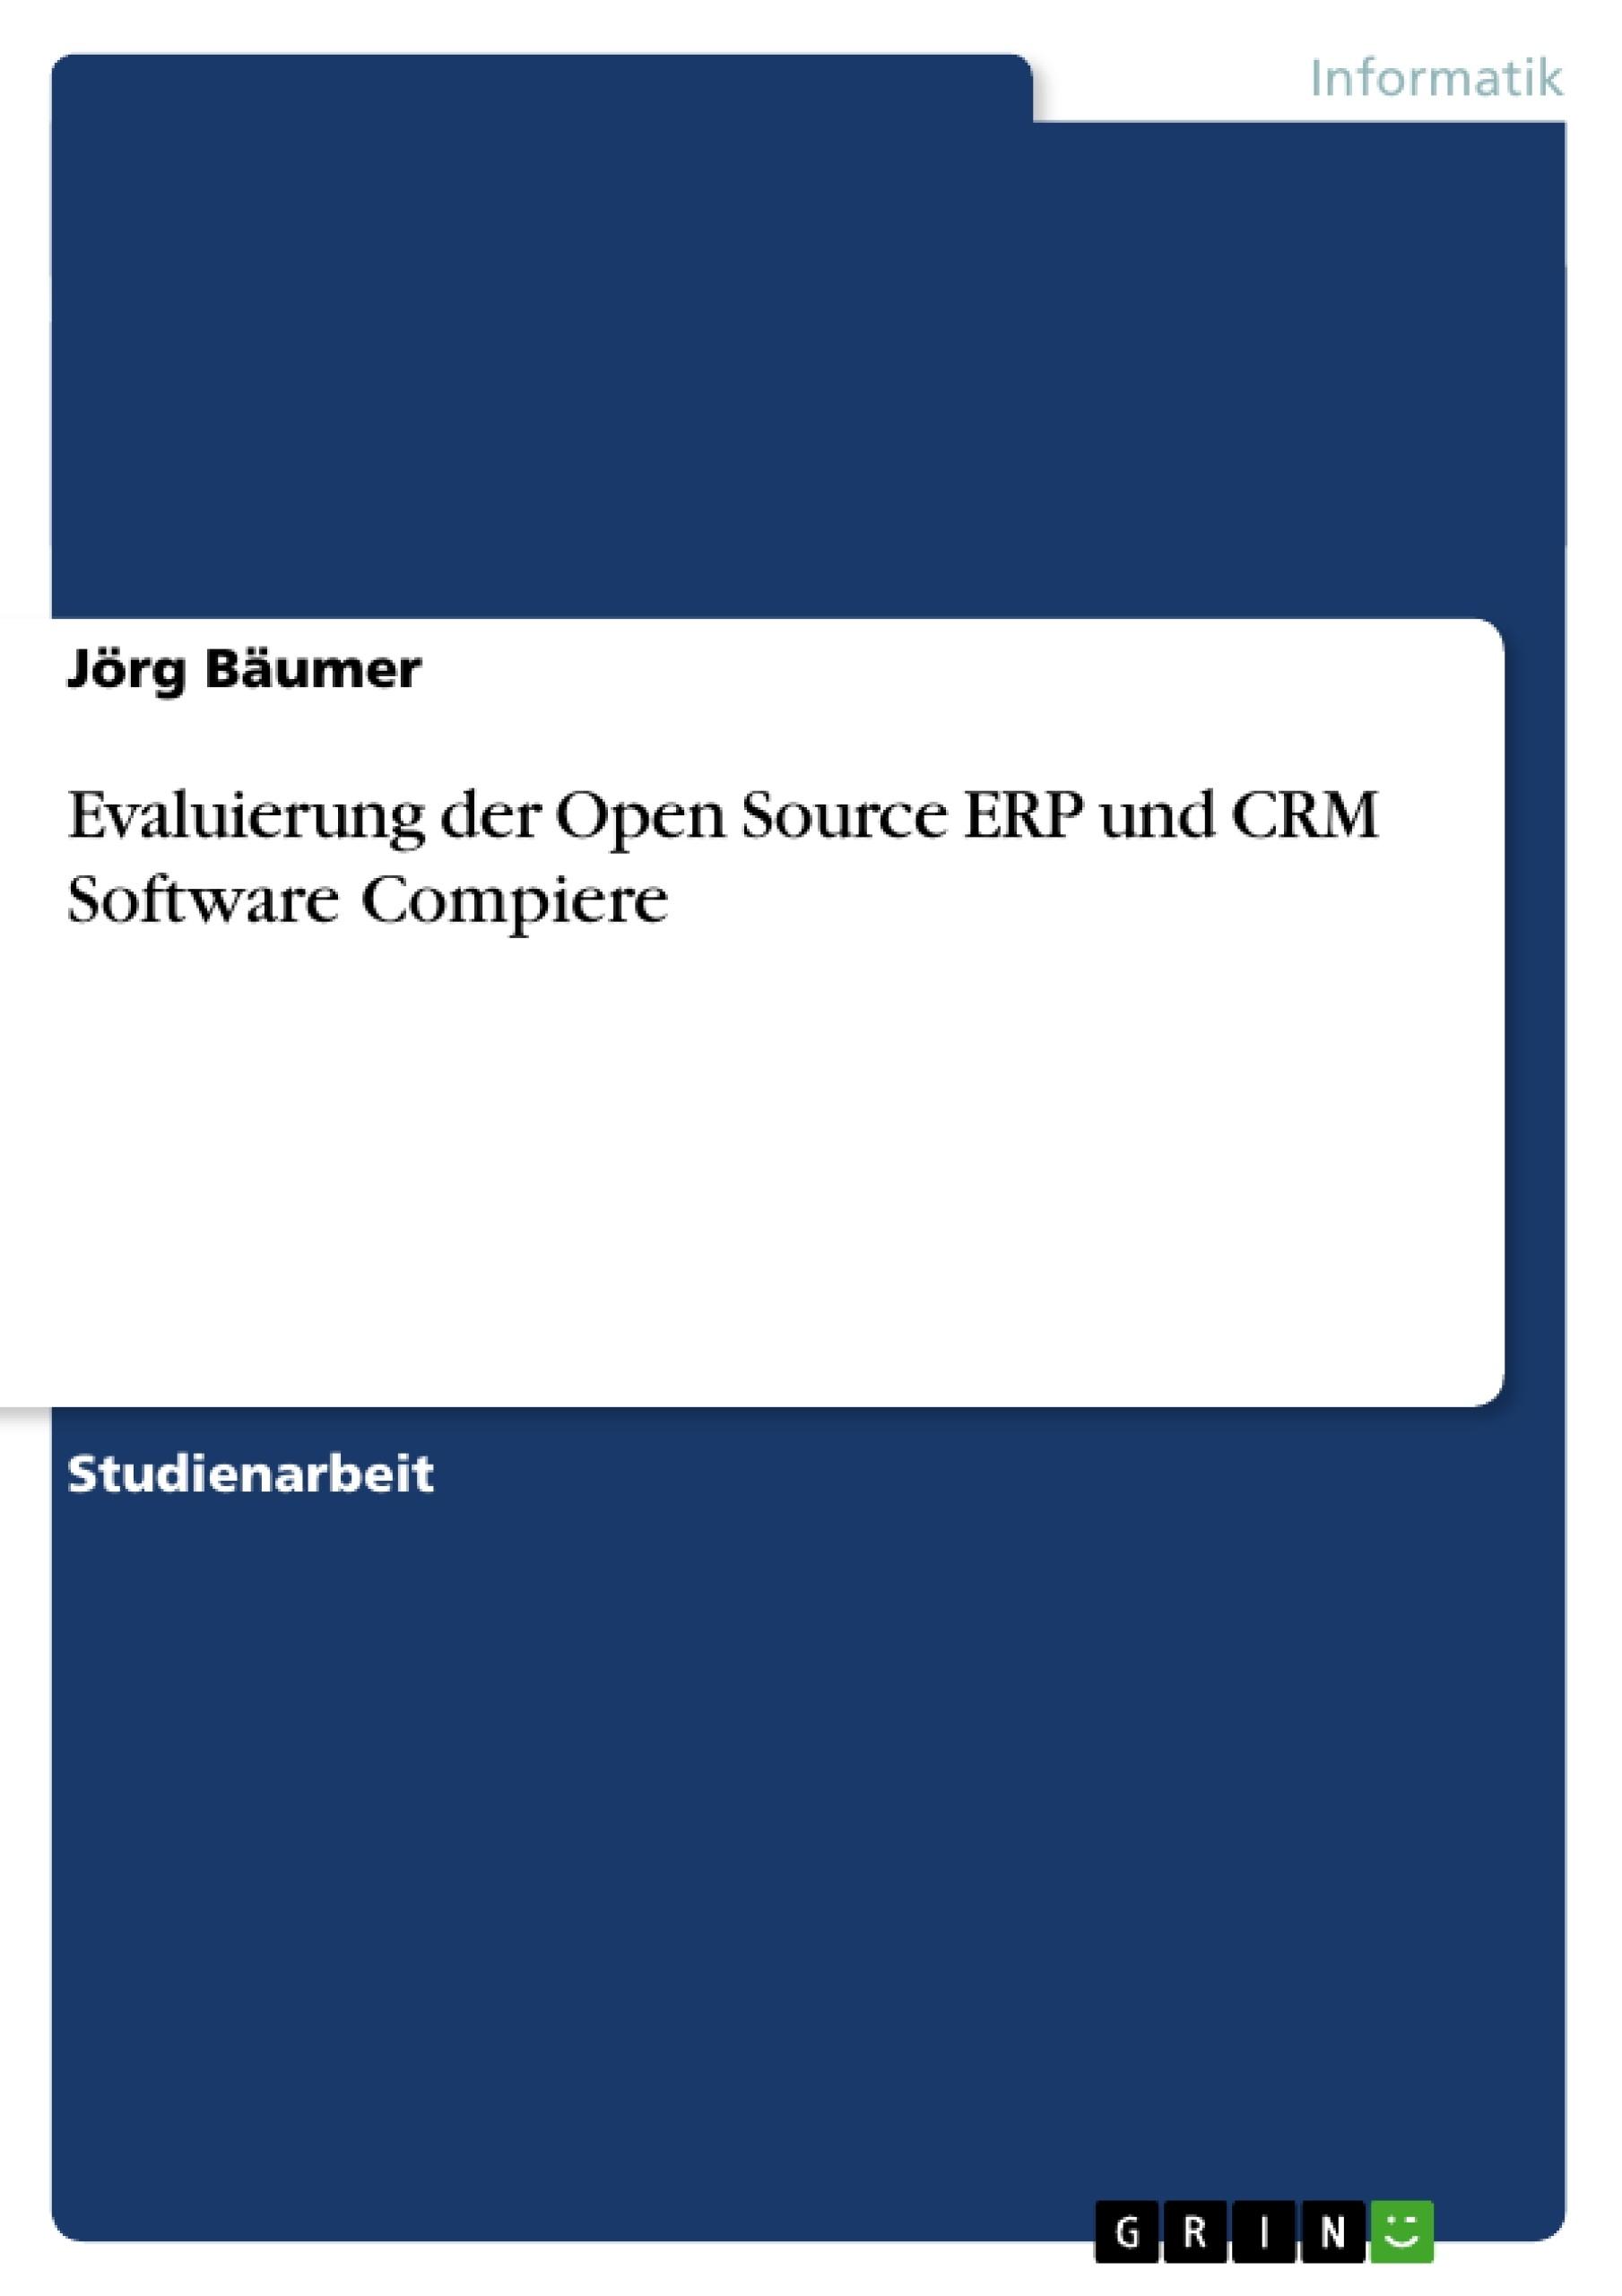 Titel: Evaluierung der Open Source ERP und CRM Software  Compiere